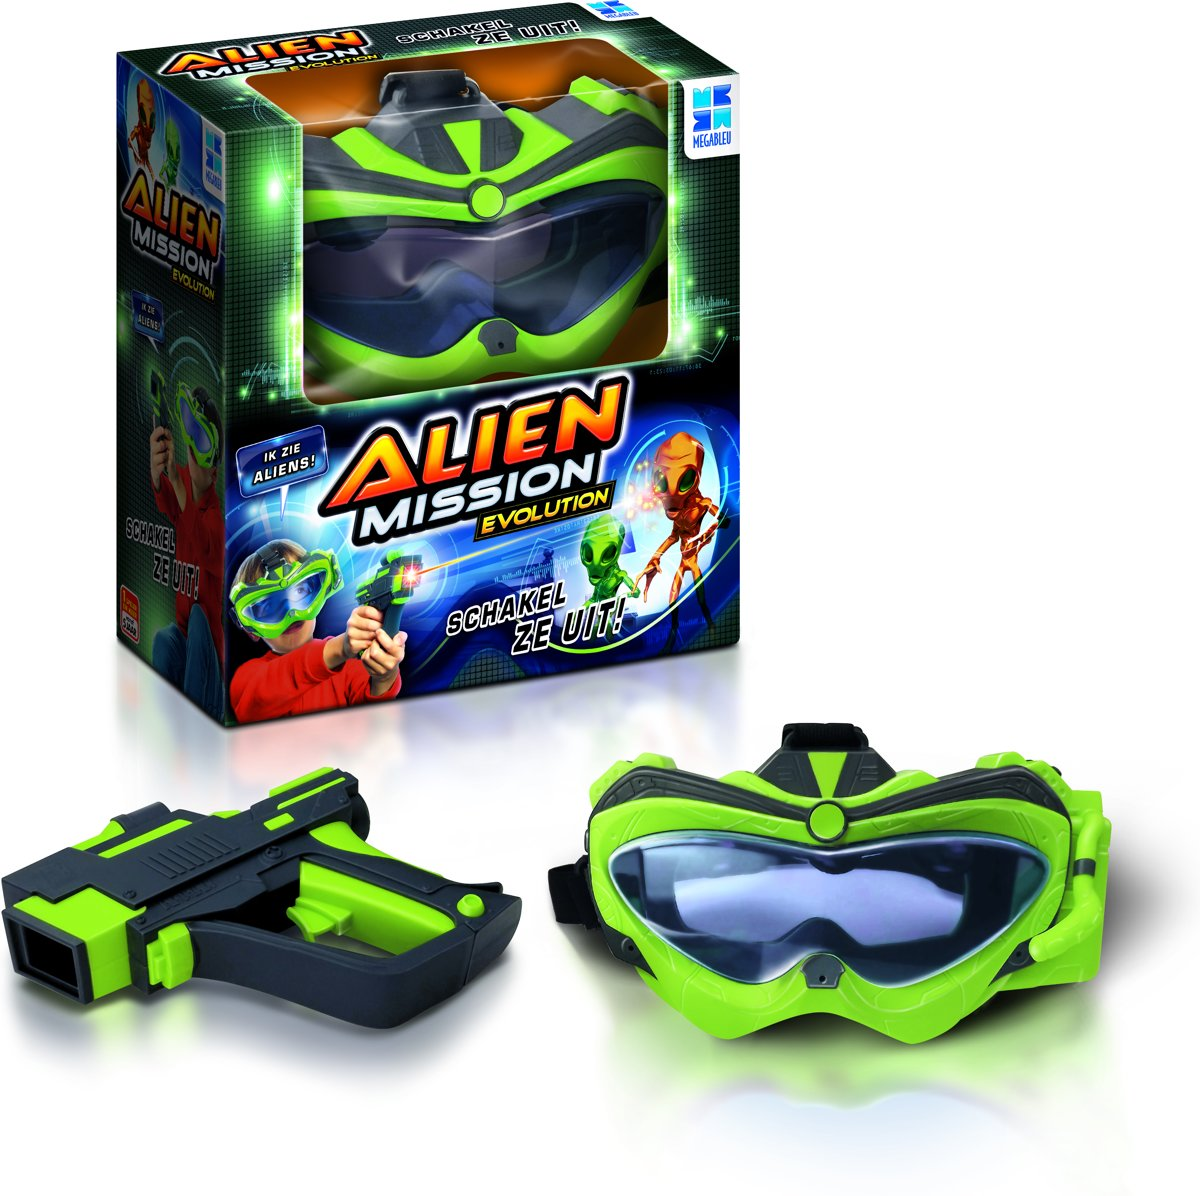 Alien Mission Evolution voor €16,95